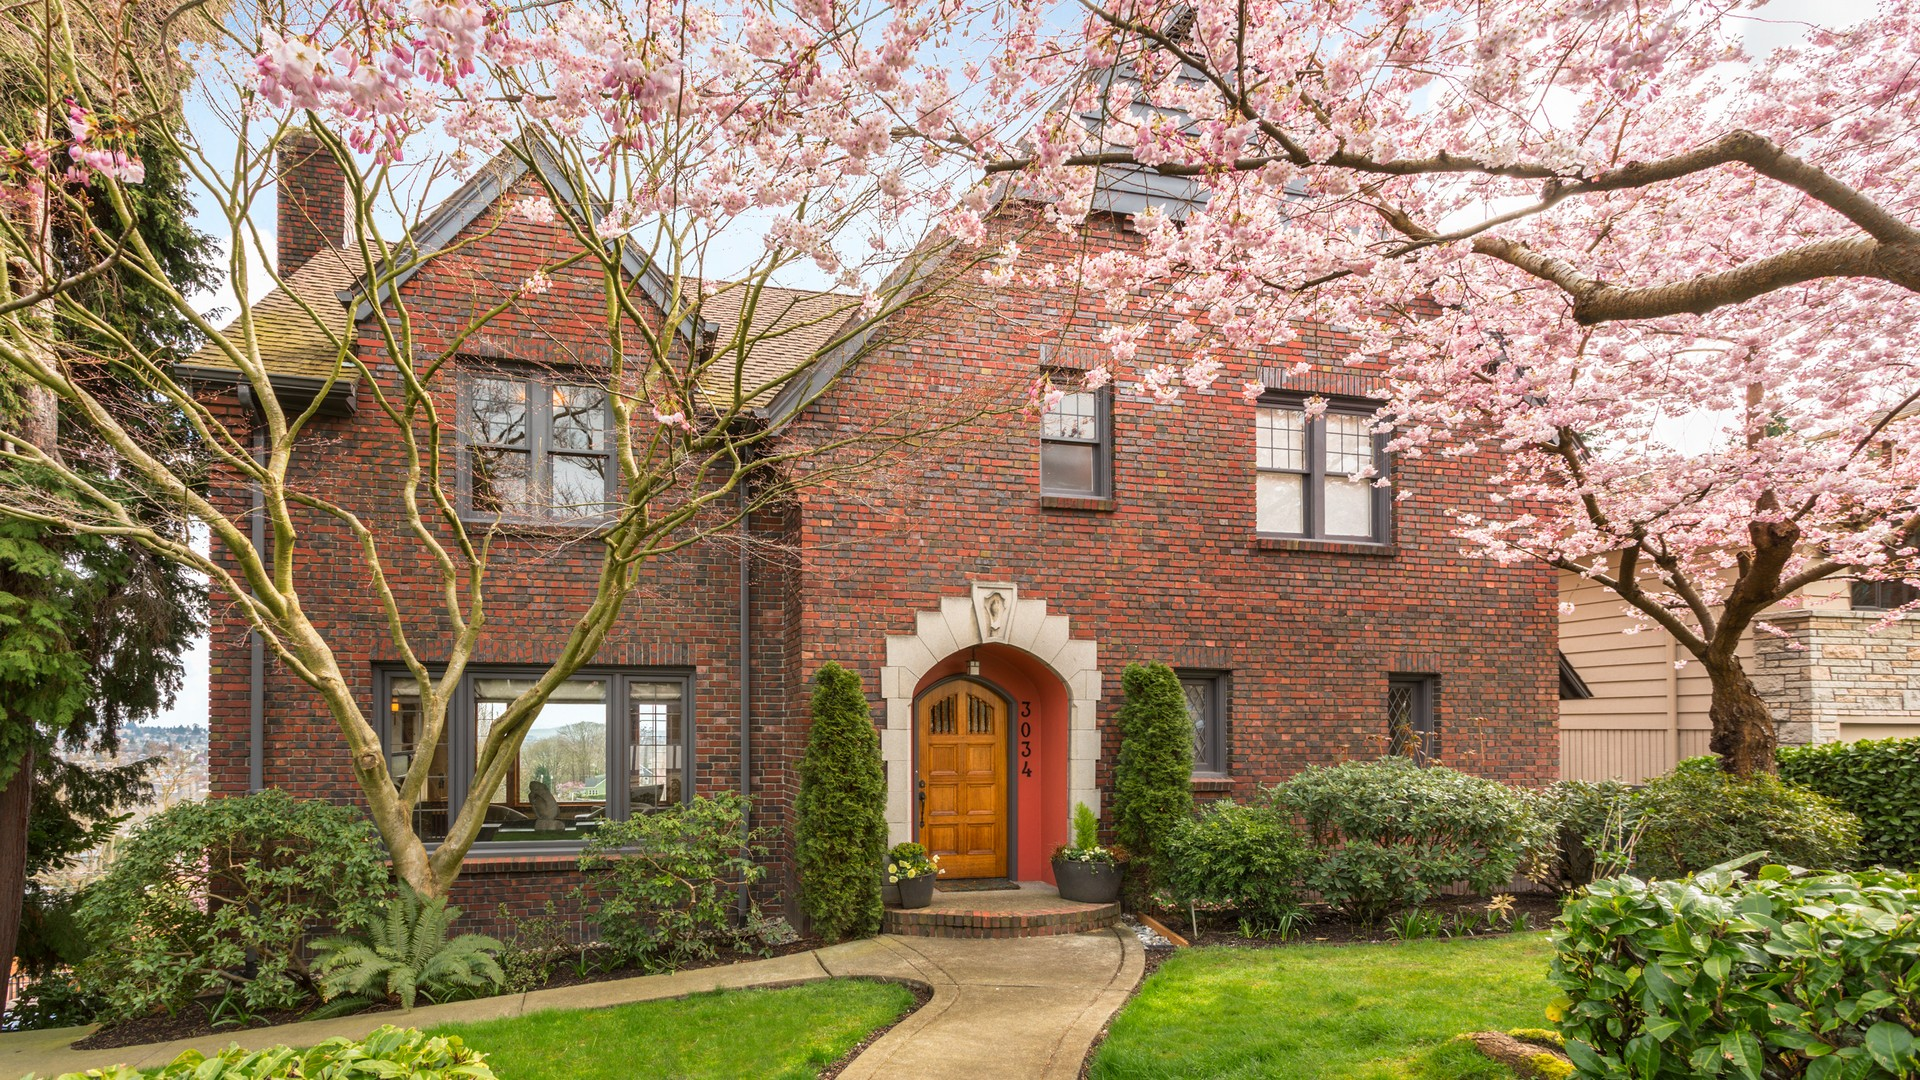 Частный односемейный дом для того Продажа на Queen Anne Tudor 3034 10th Ave W Queen Anne, Seattle, Вашингтон, 98119 Соединенные Штаты